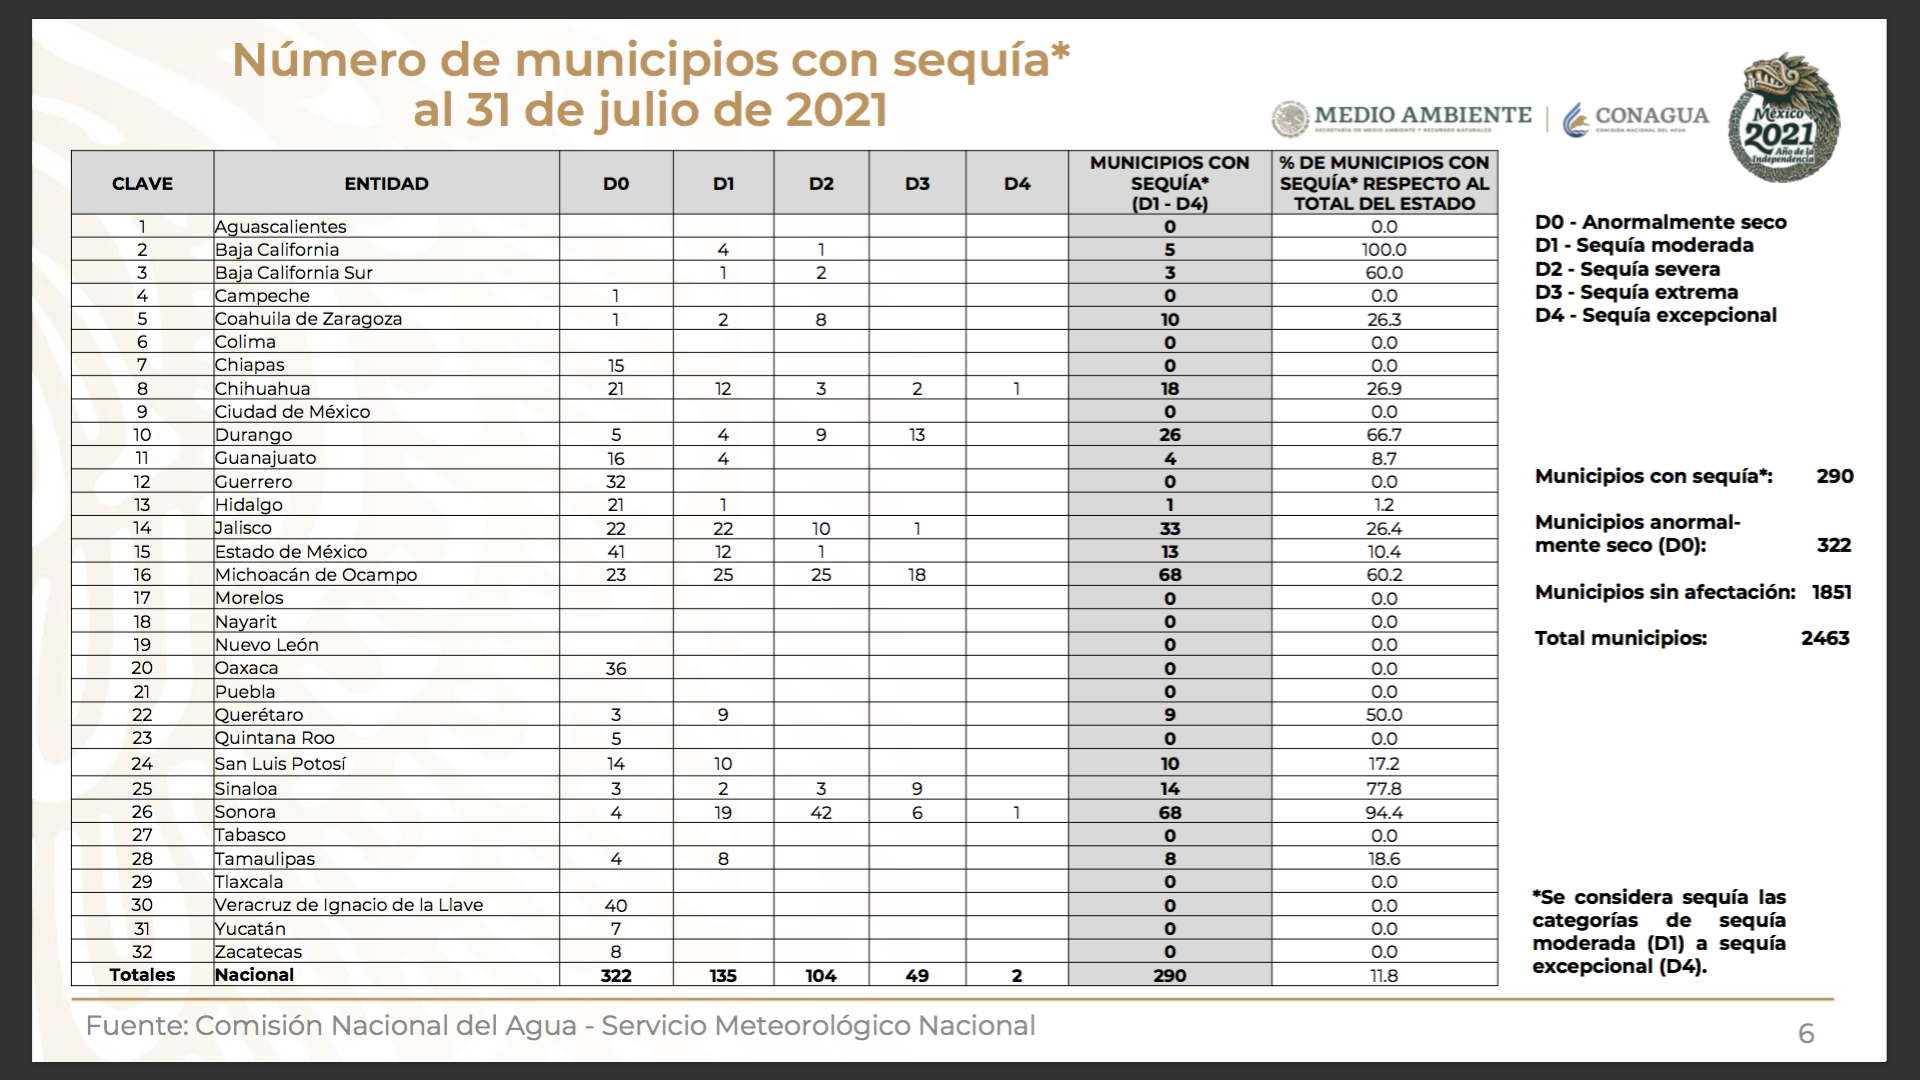 Municipios sequía 31/07/2021